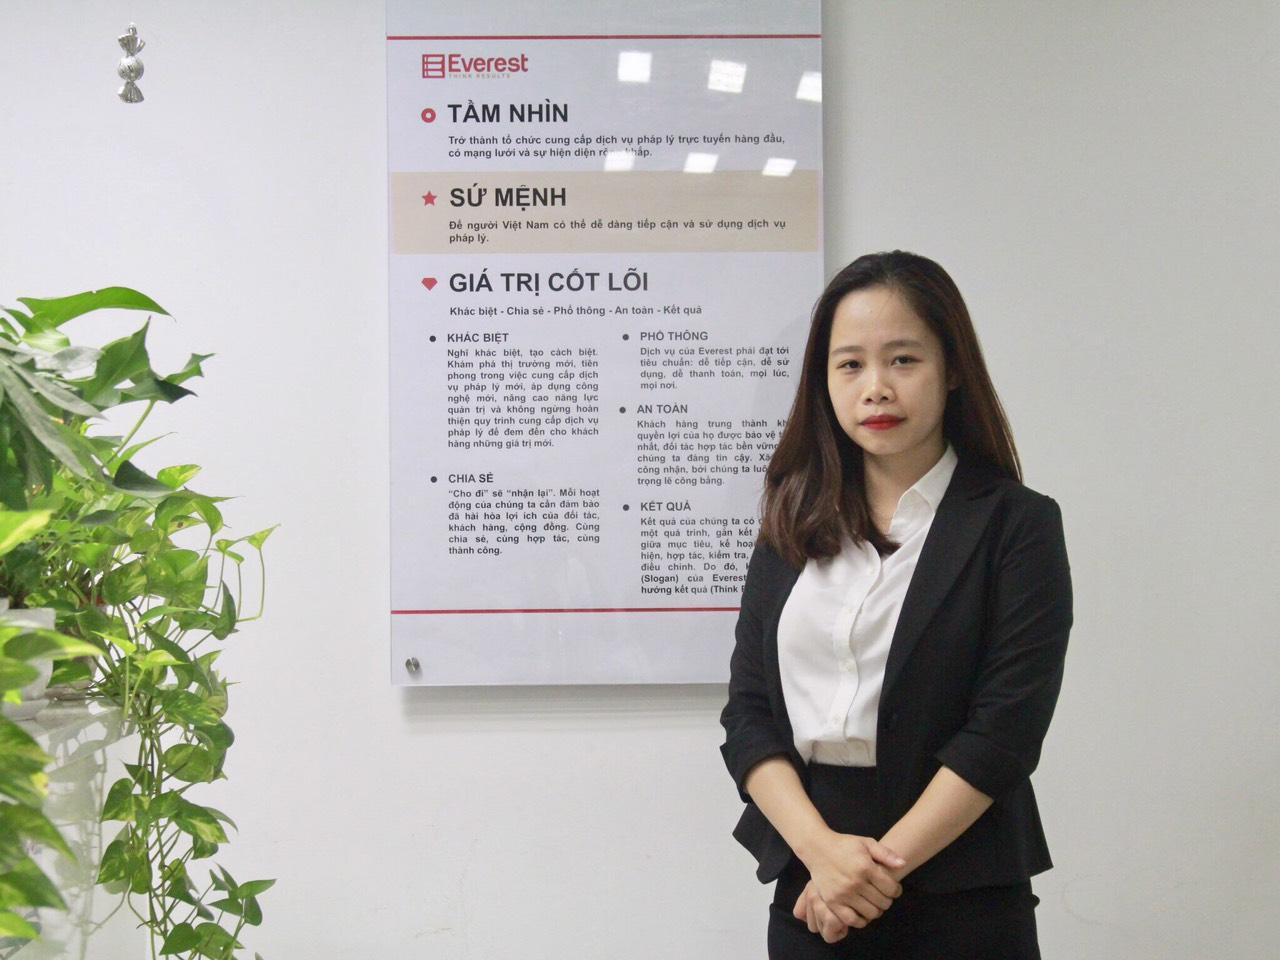 Luật sư Nguyễn Hoài Thương - Công ty Luật TNHH Everest - Tổng đài tư vấn (24/7): 1900 6198